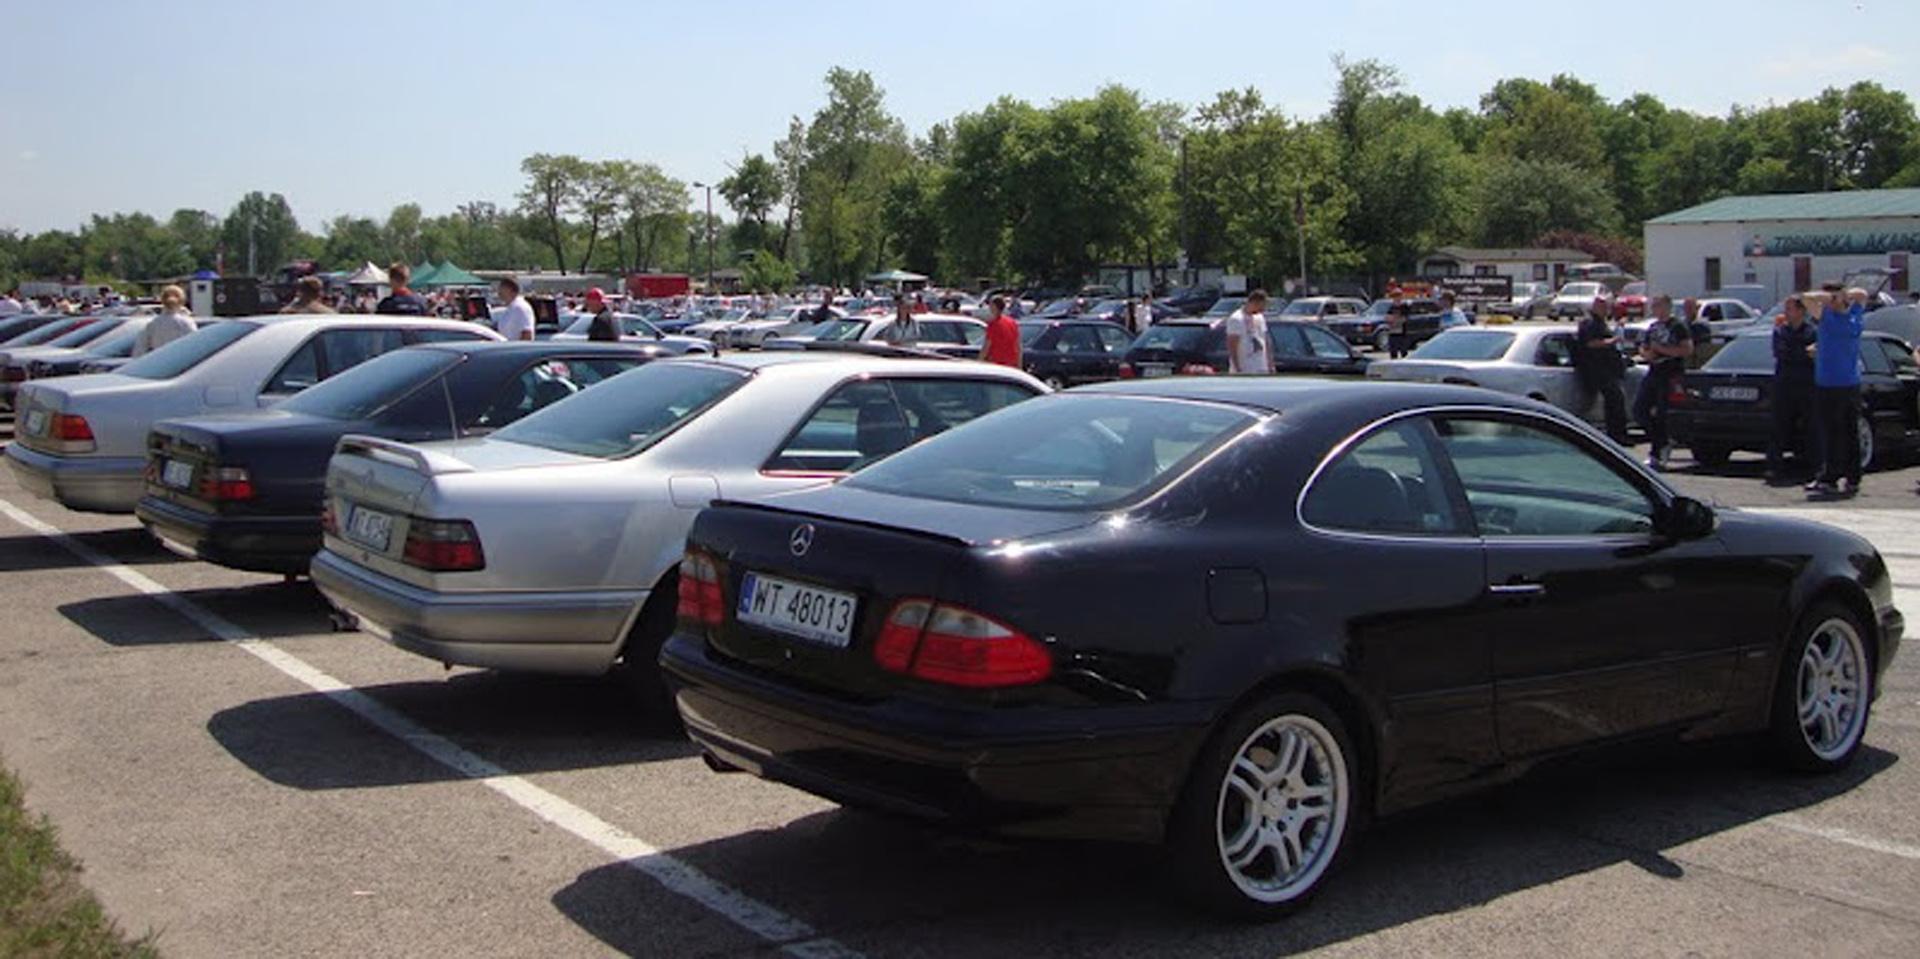 Setki pojazdów, kilkanaście stref wystawowych